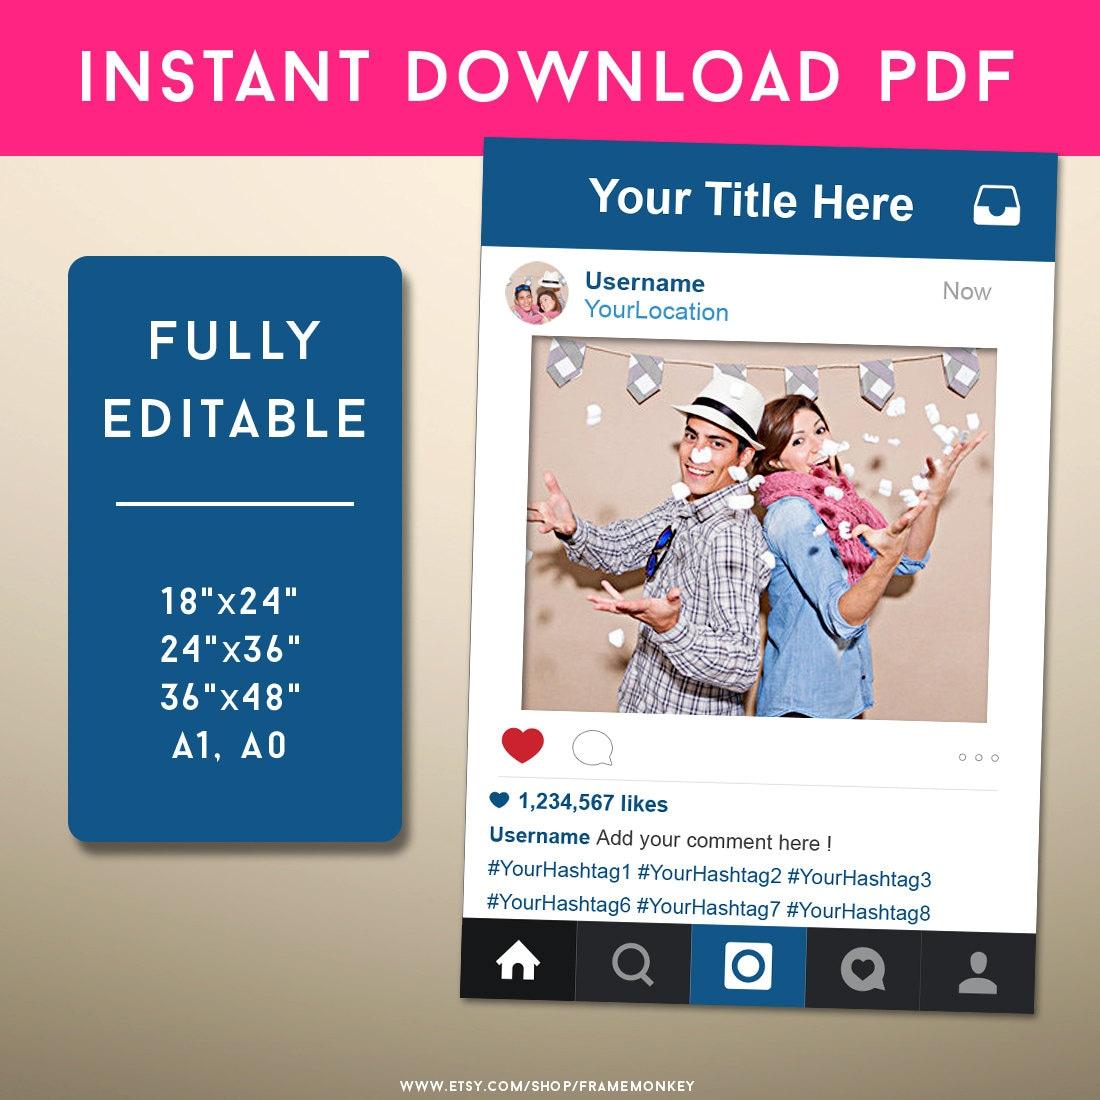 PDF estilo Instagram marco foto Prop signo de Instagram redes